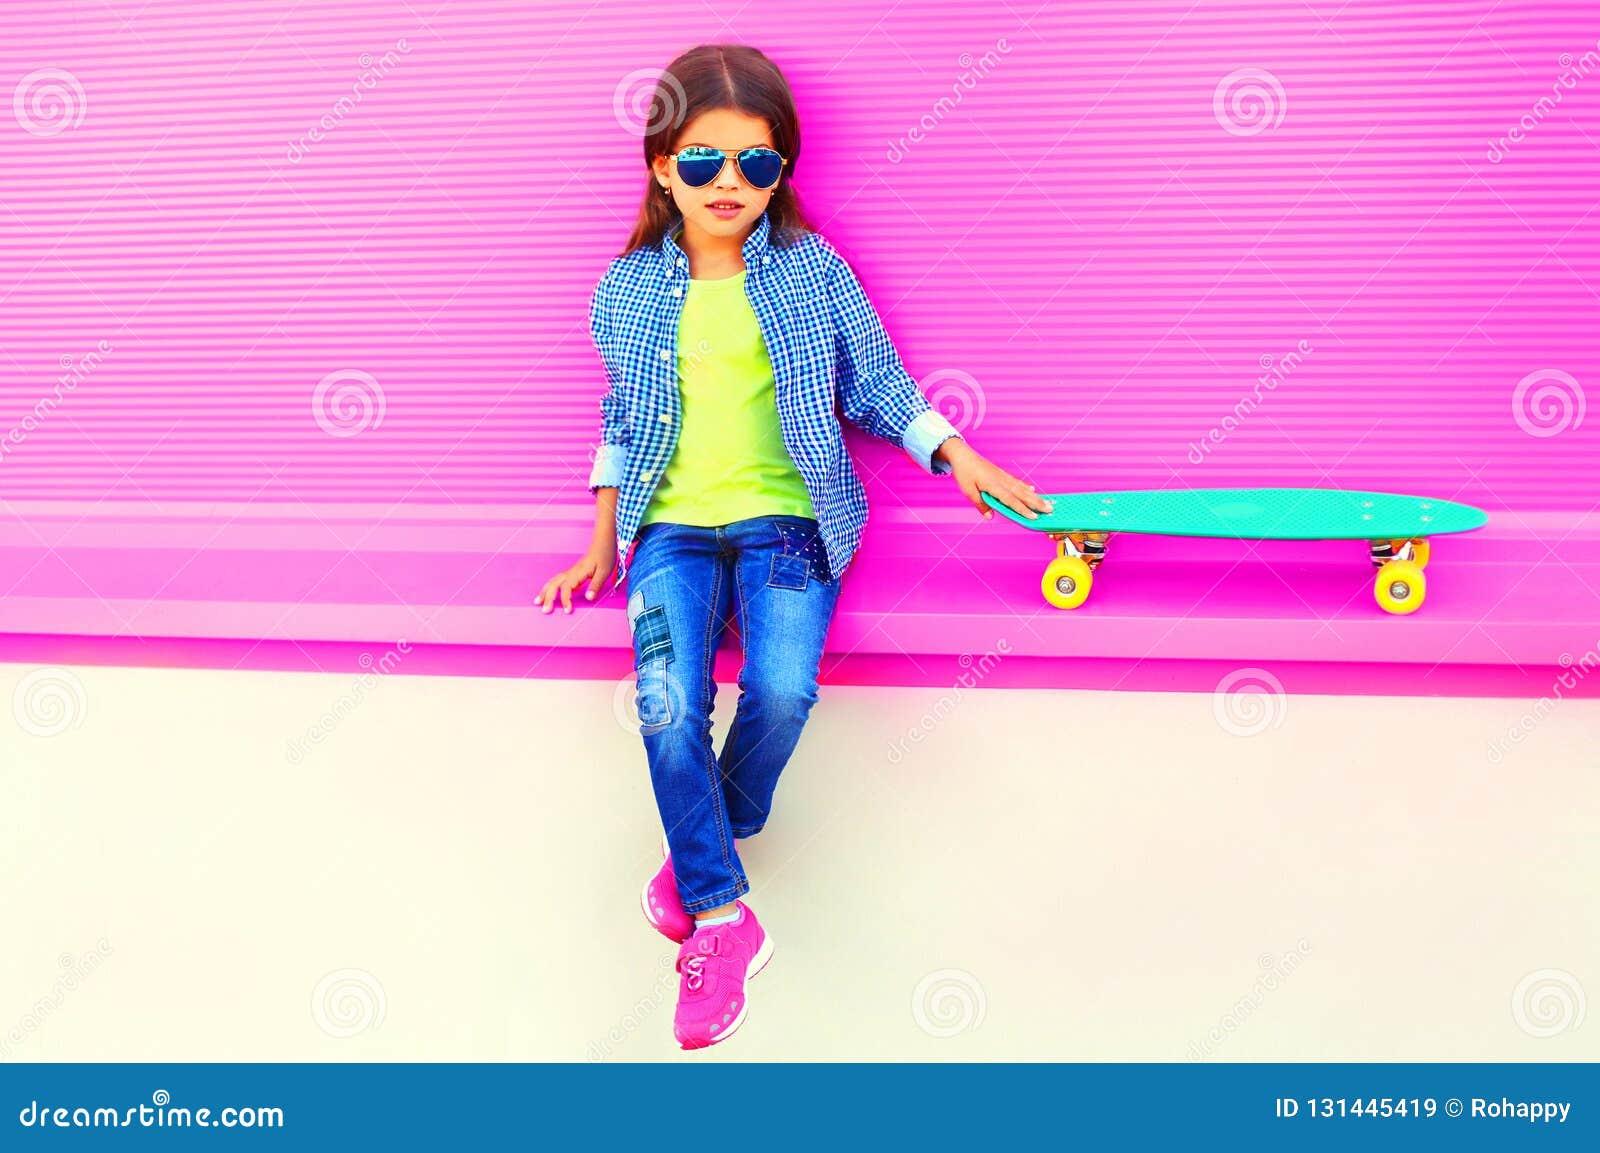 Fasonuje małej dziewczynki dziecka obsiadanie z deskorolka w mieście na kolorowej menchii ścianie